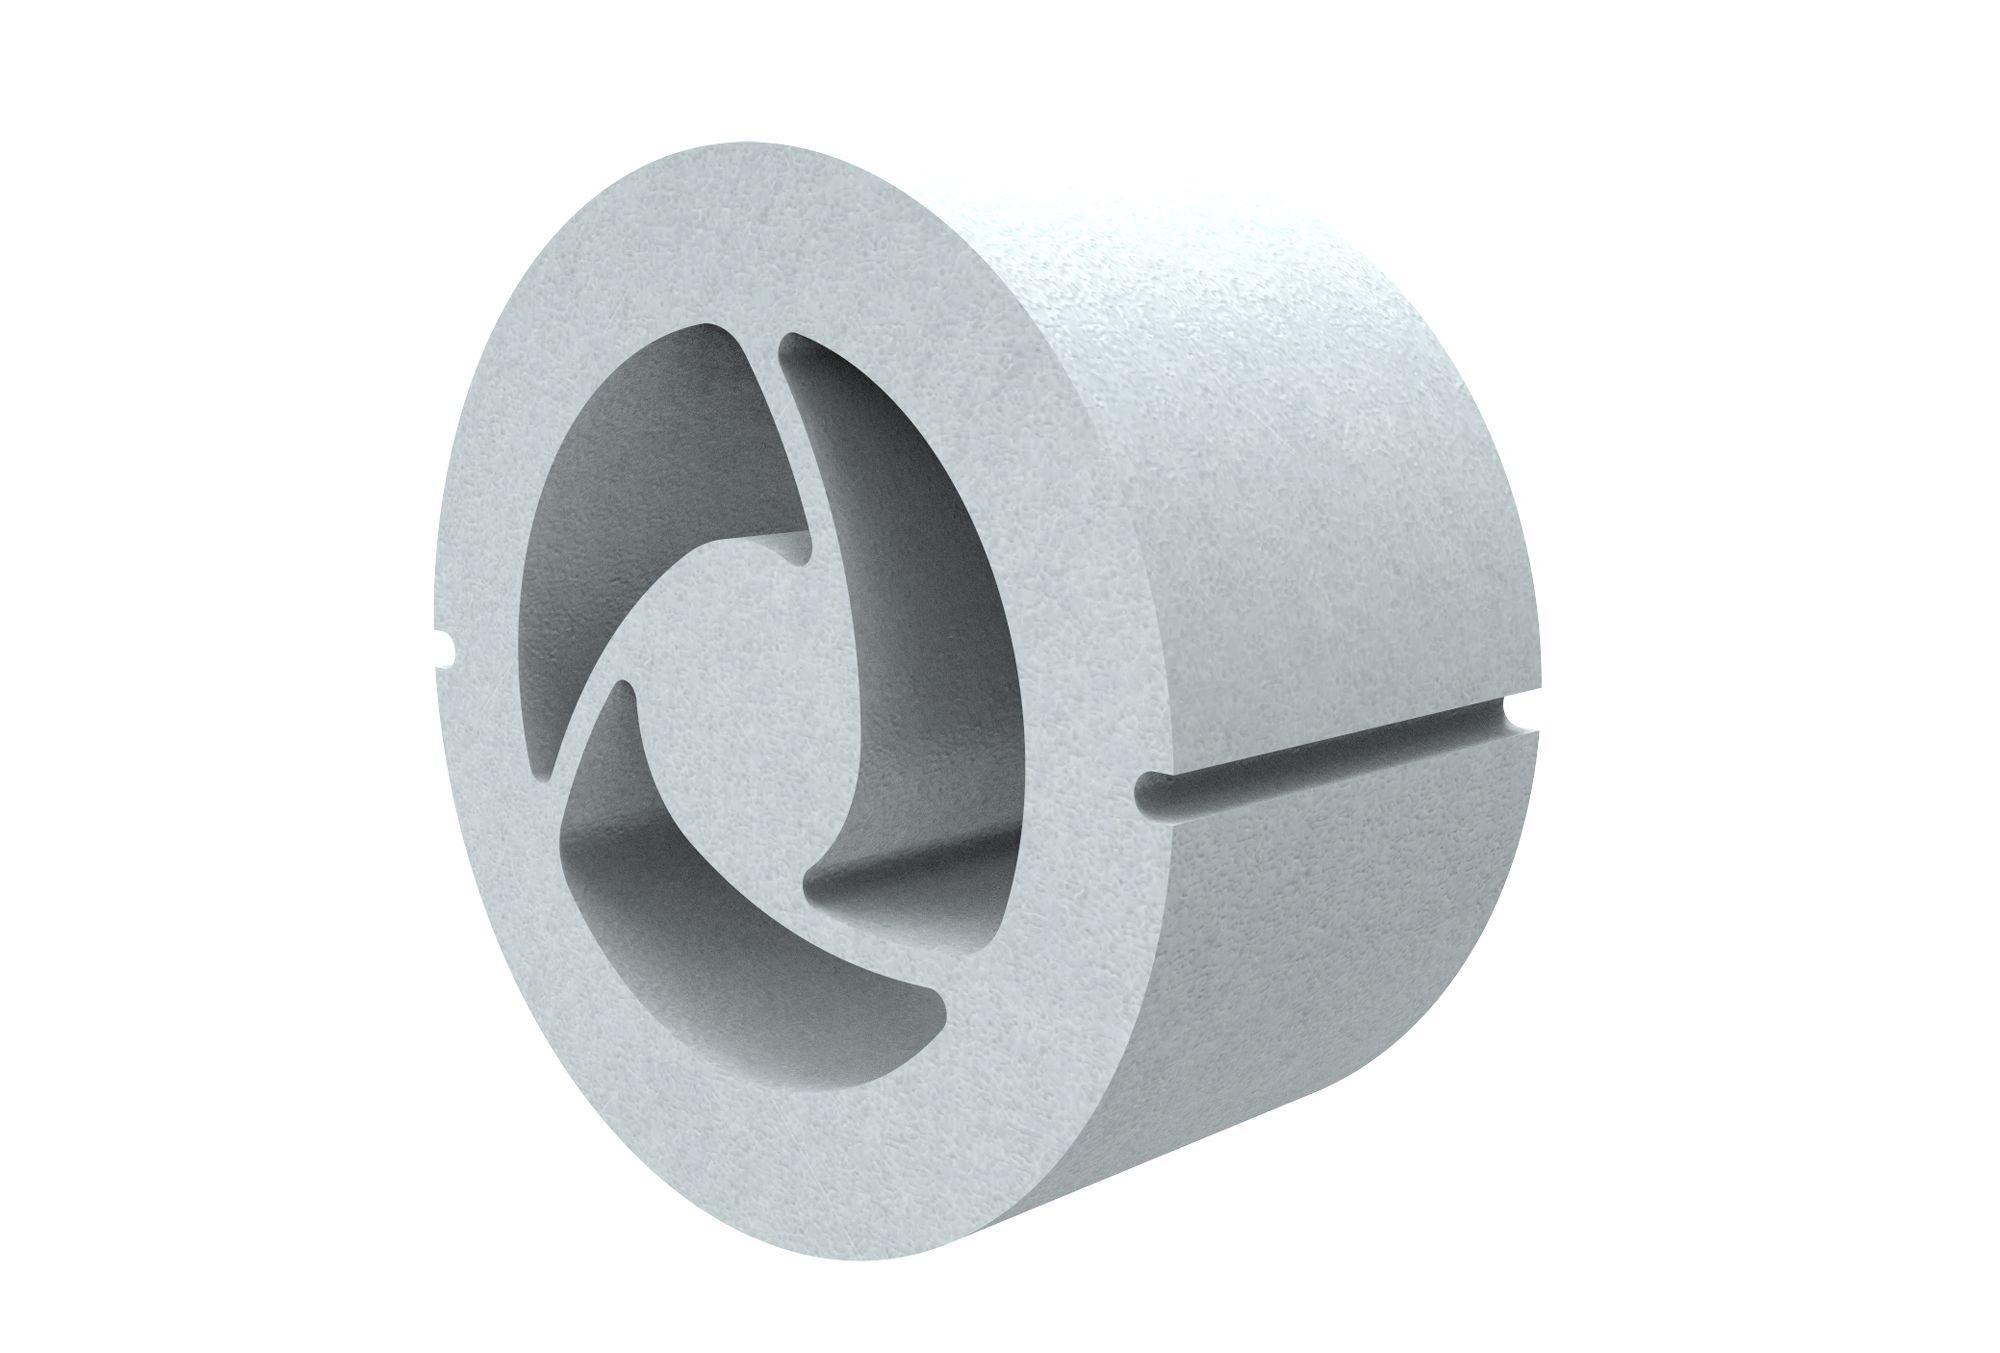 Getair Flexibel Einstellbare Schalldammelemente Luftung Schallschutz Technik